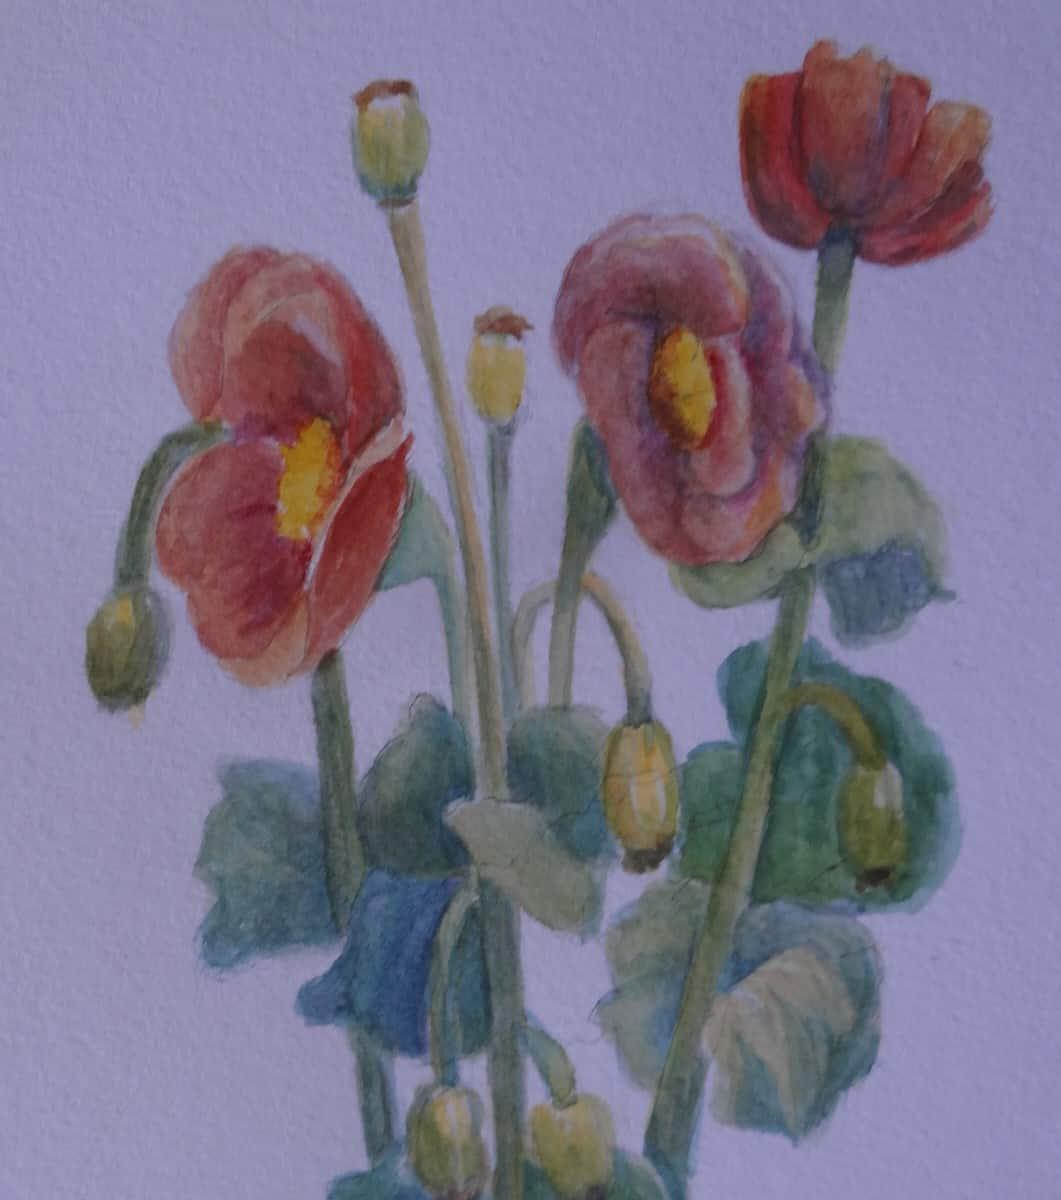 Bild von Blumen in der Ausstellung in der Galerie des Stifts Seitenstetten